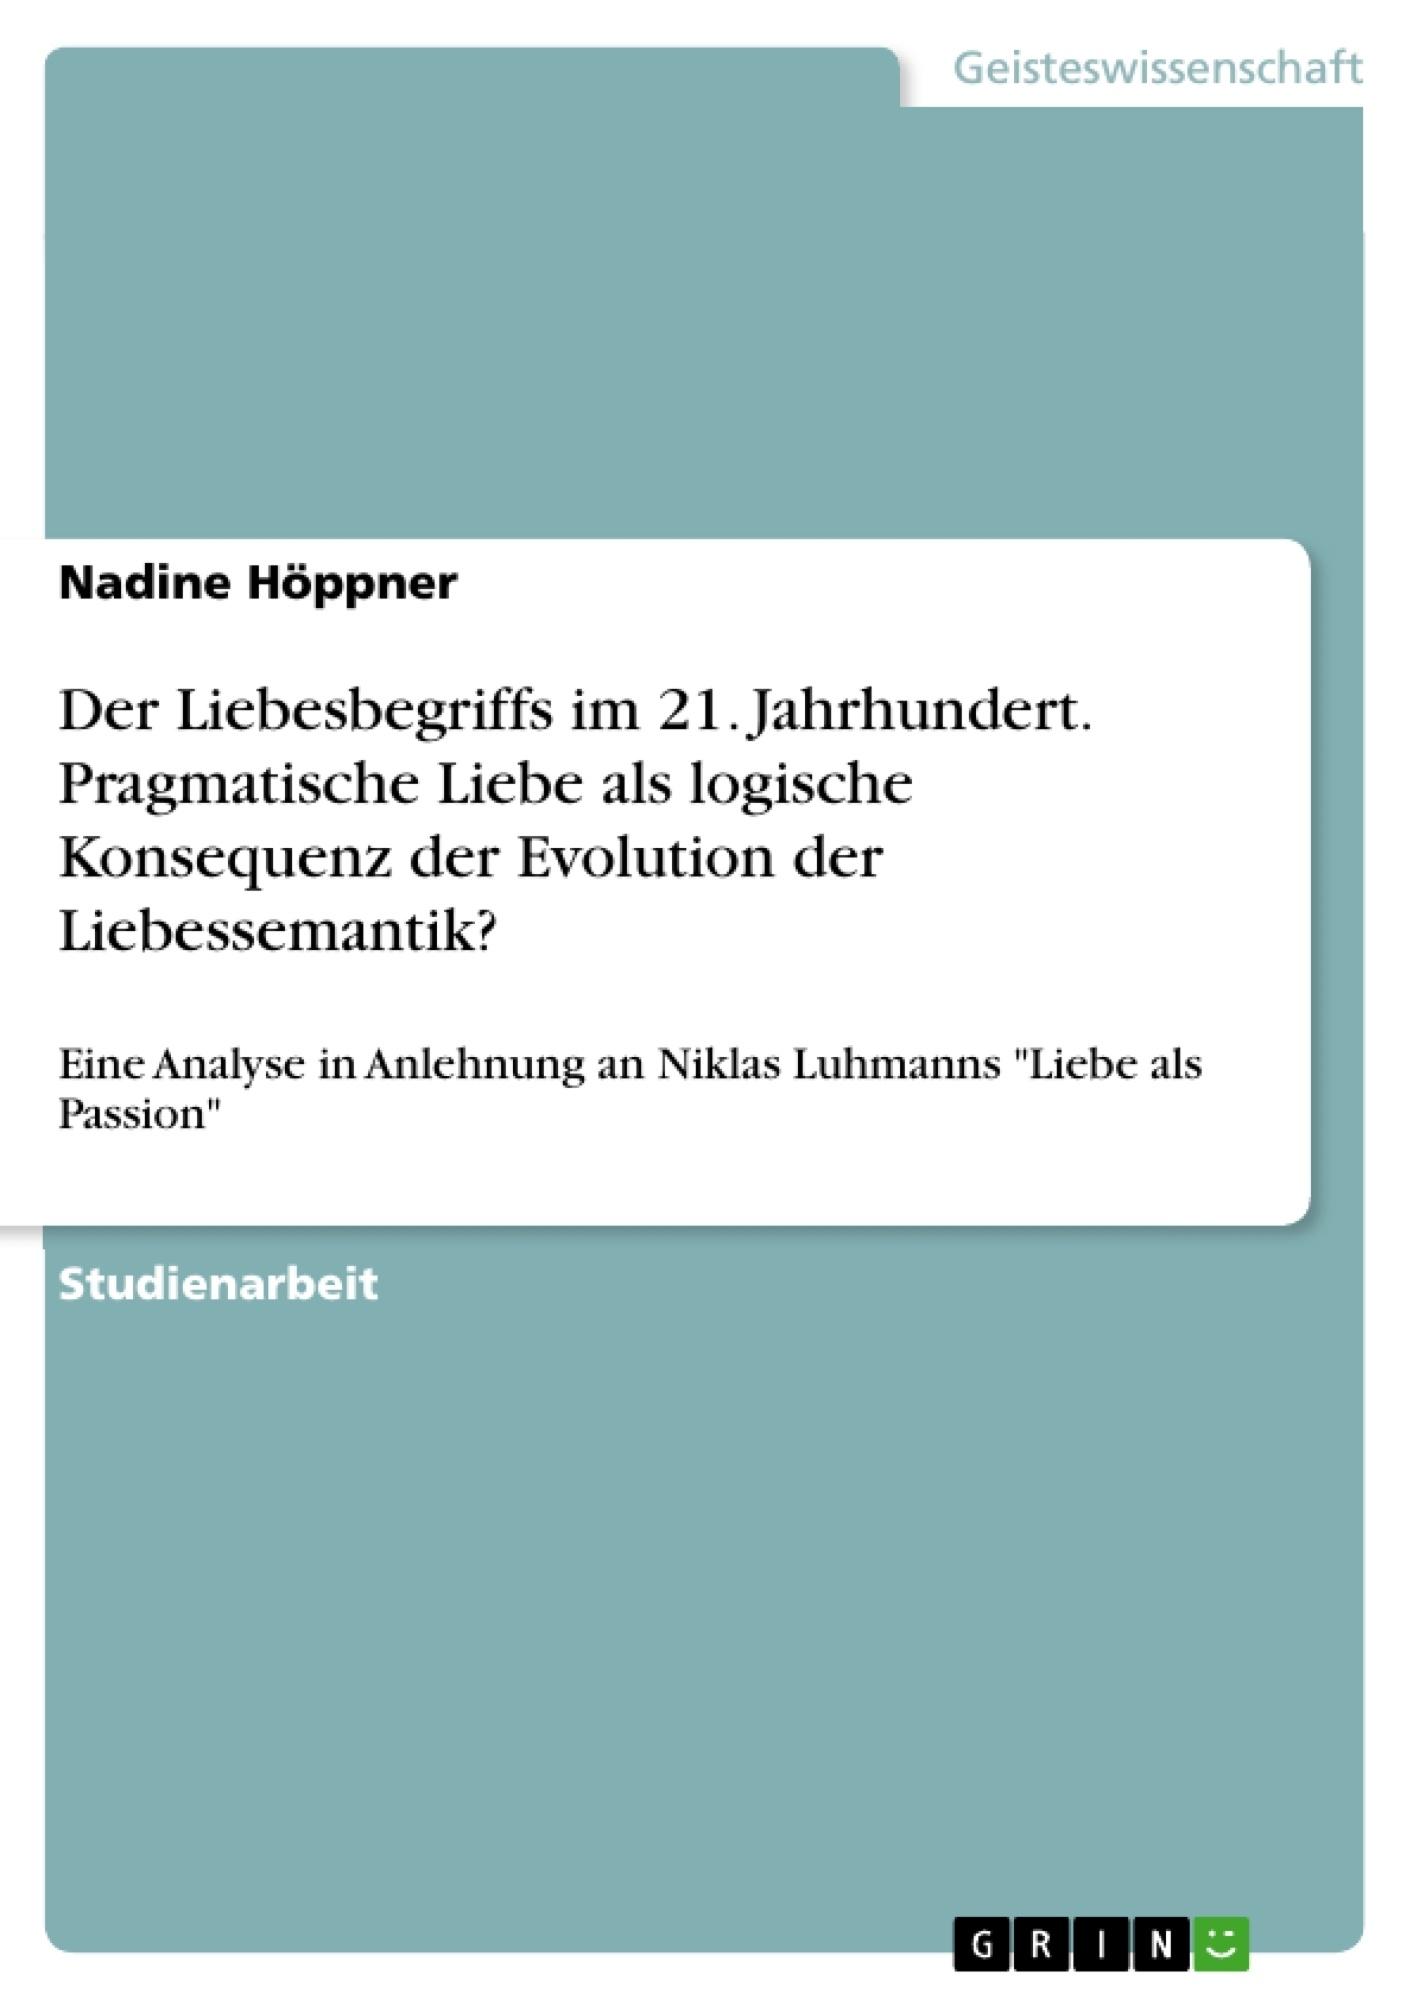 Titel: Der Liebesbegriffs im 21. Jahrhundert. Pragmatische Liebe als logische Konsequenz der Evolution der Liebessemantik?